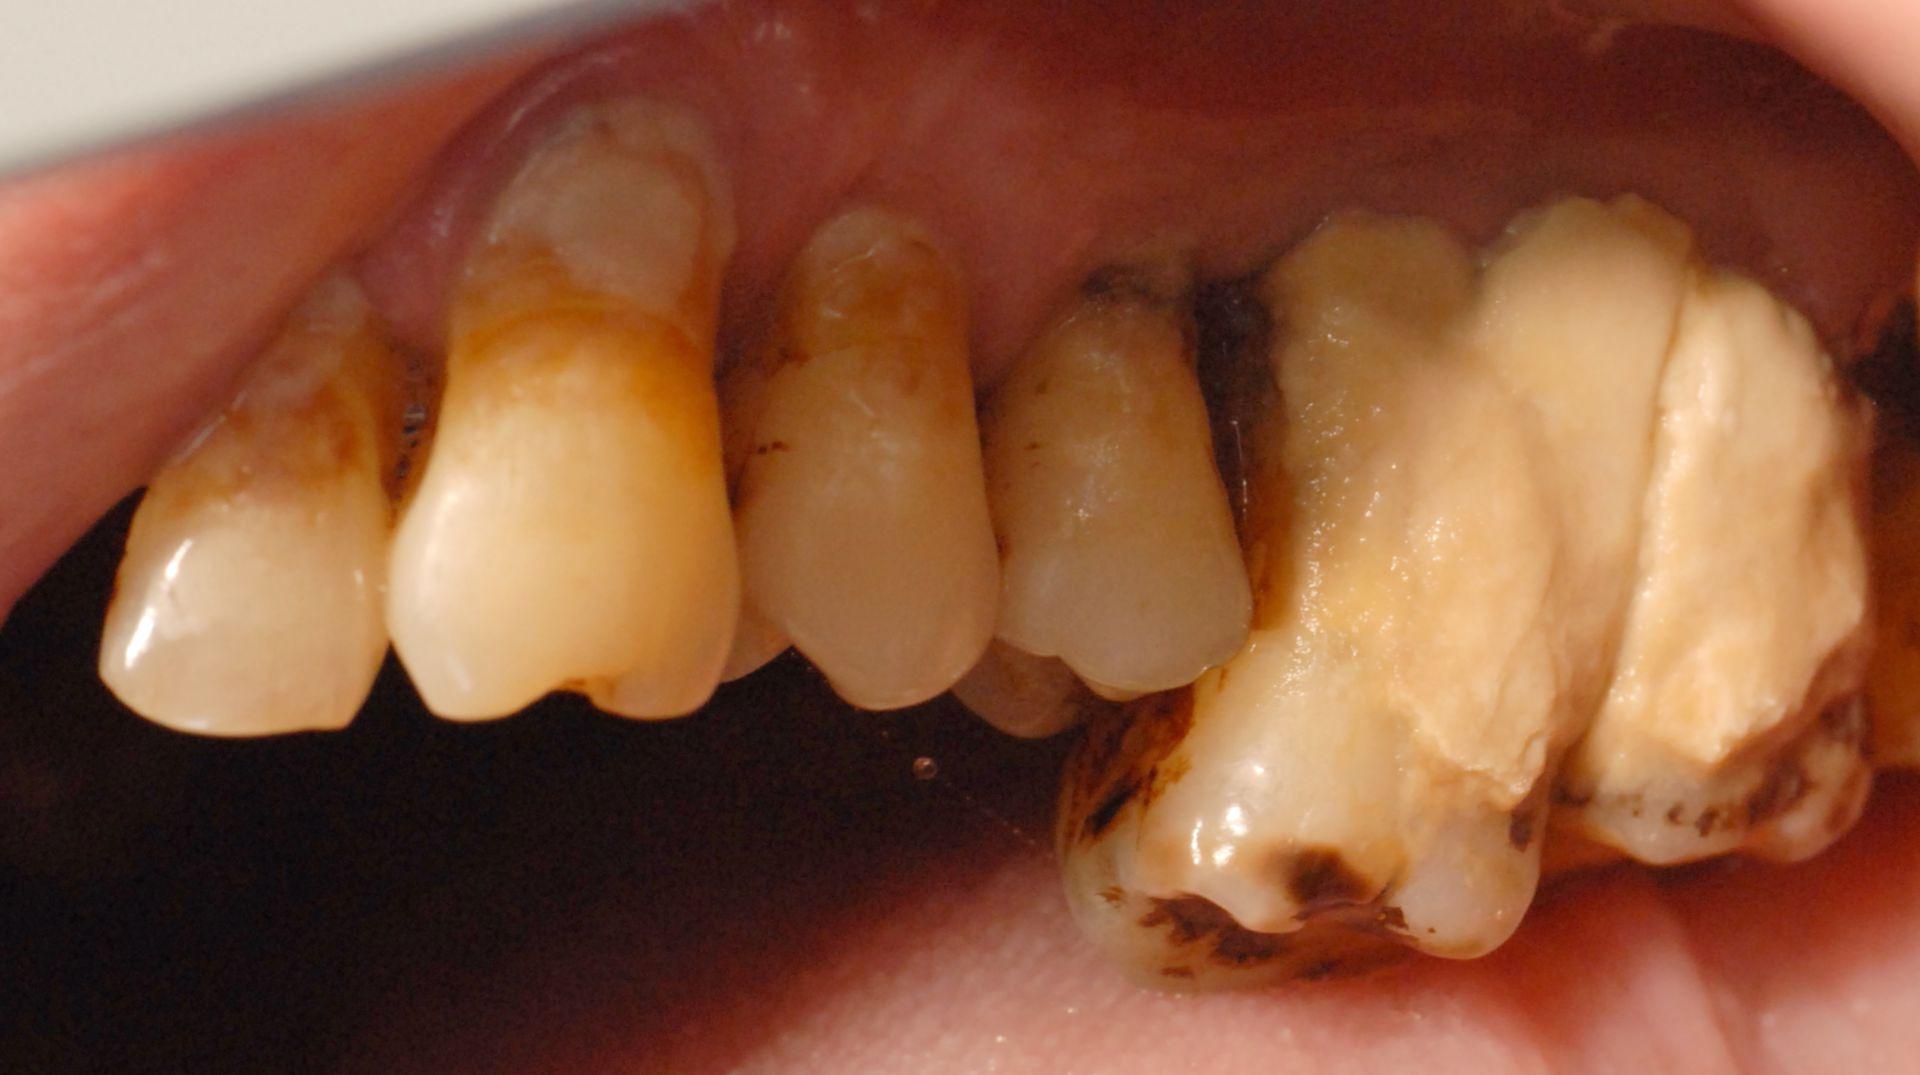 Calcolo dentale, regione 26-27